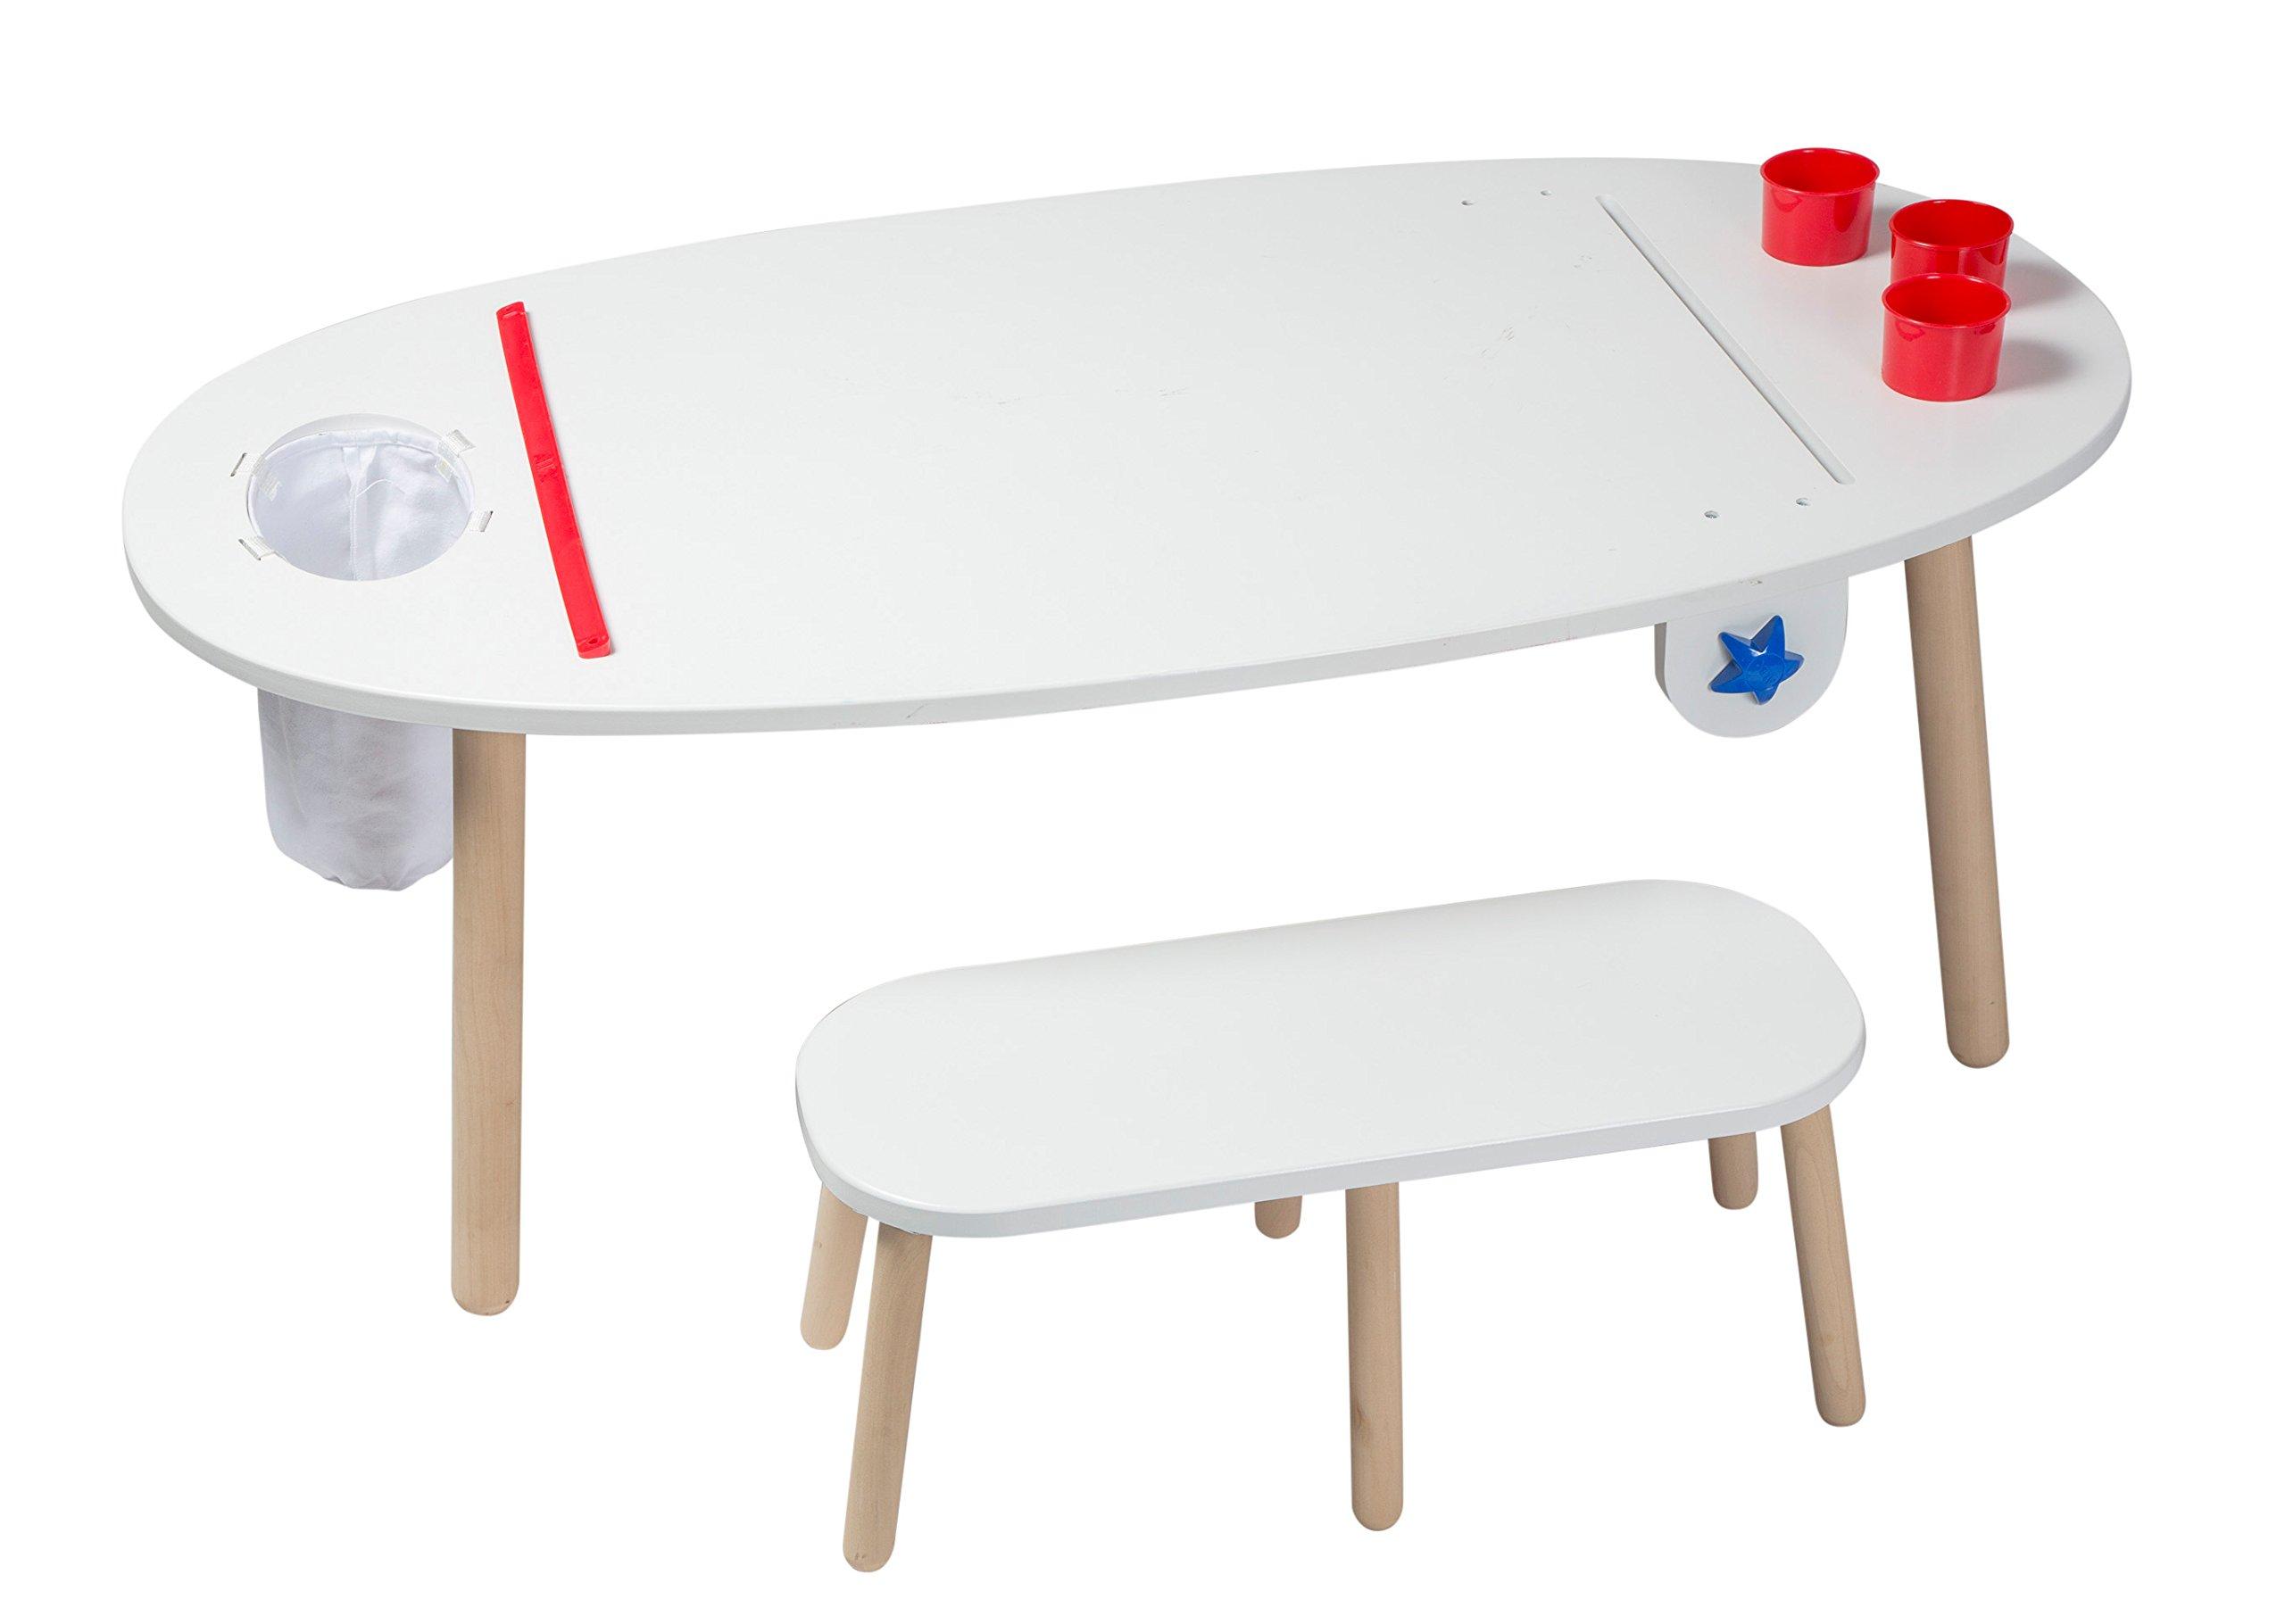 ALEX Toys Artist Studio Super Art Table White